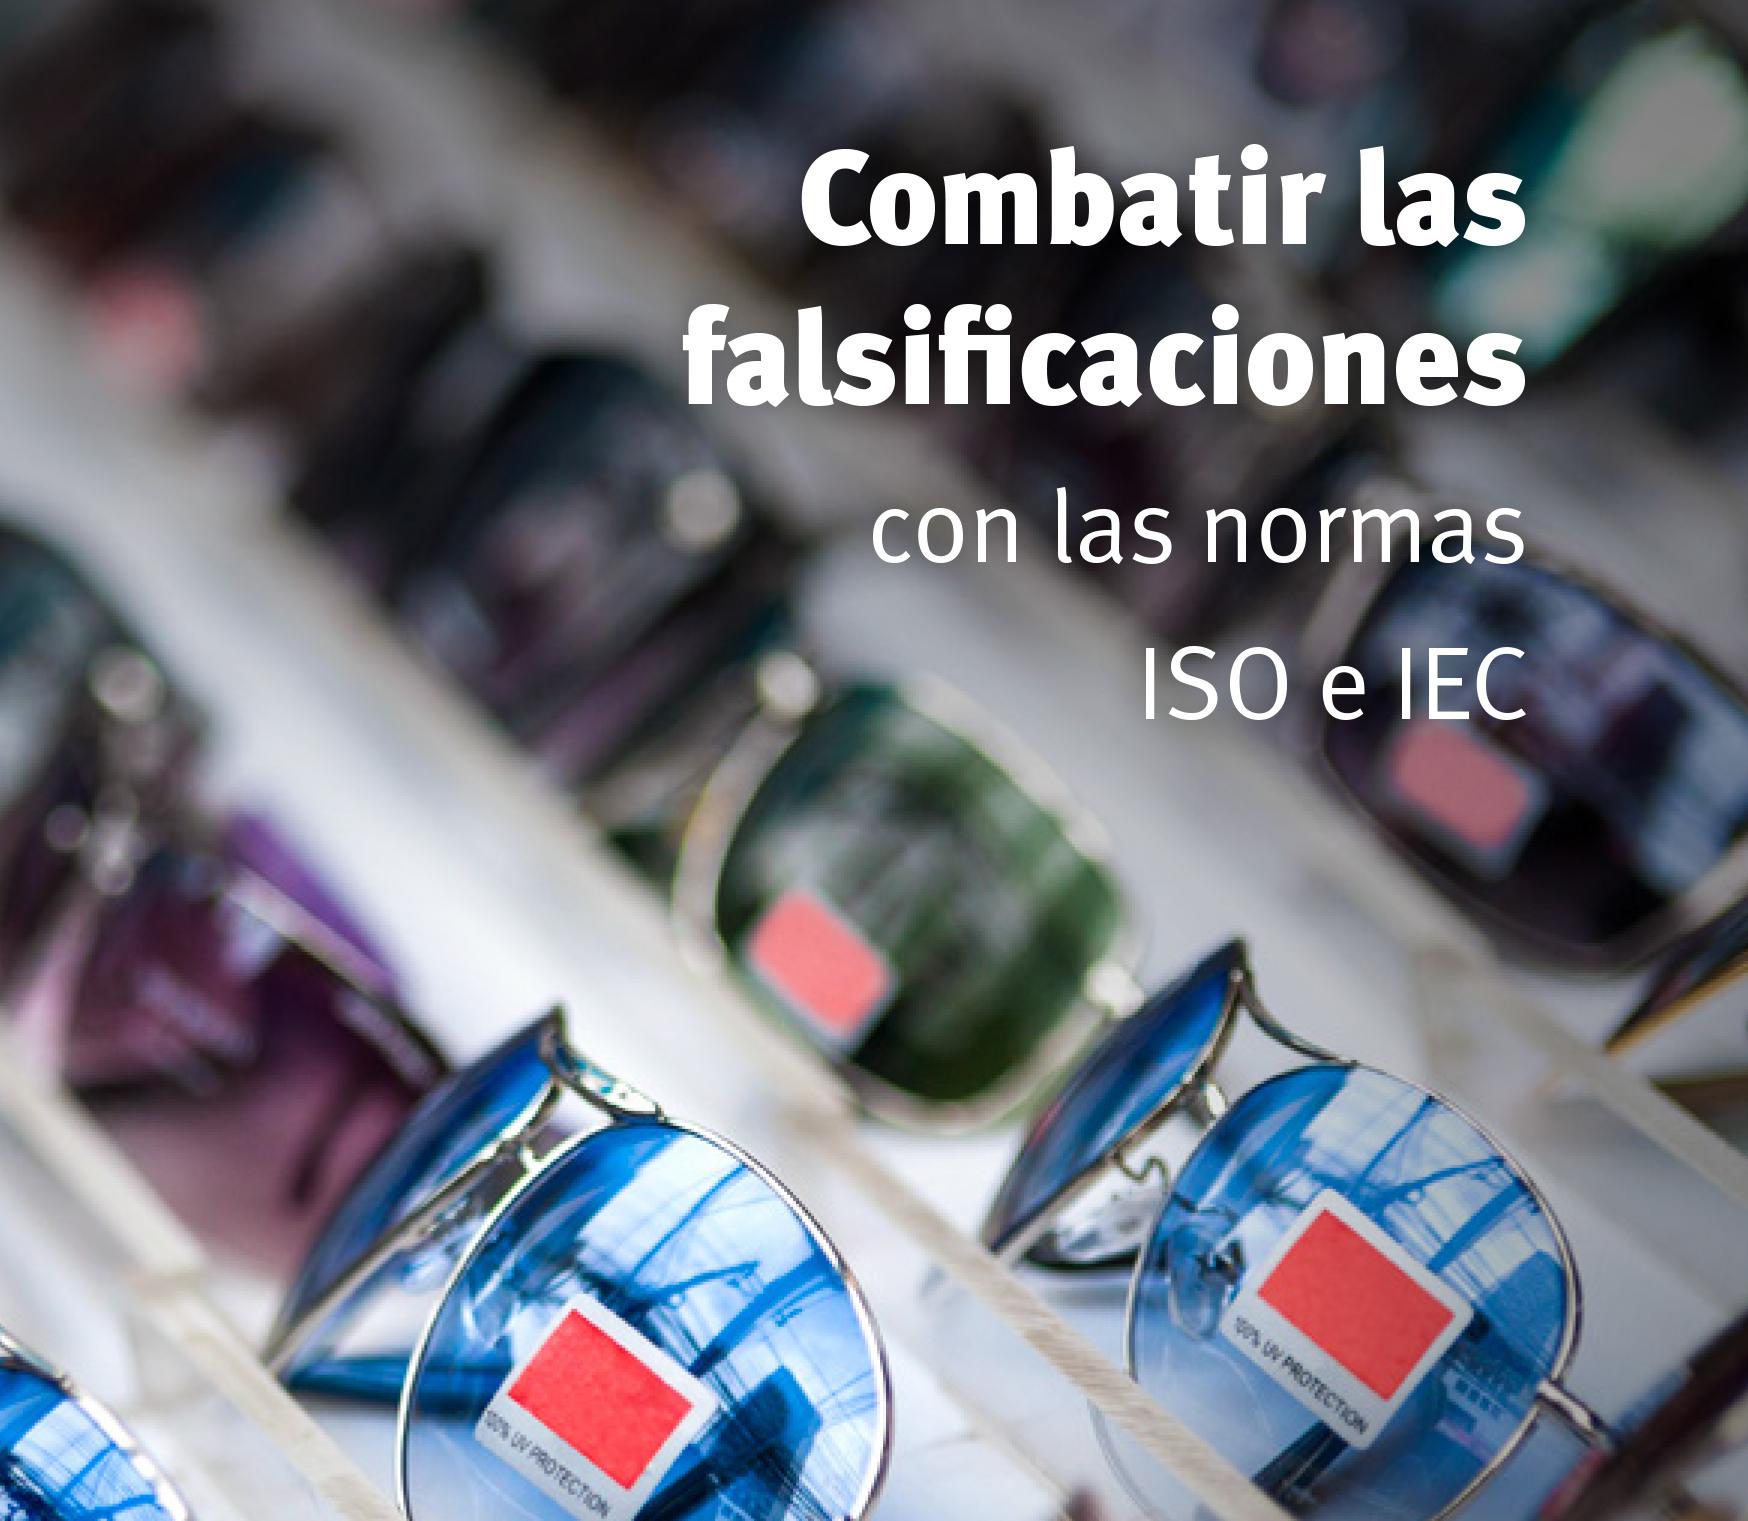 Combatir las falsificaciones con las normas ISO e IEC